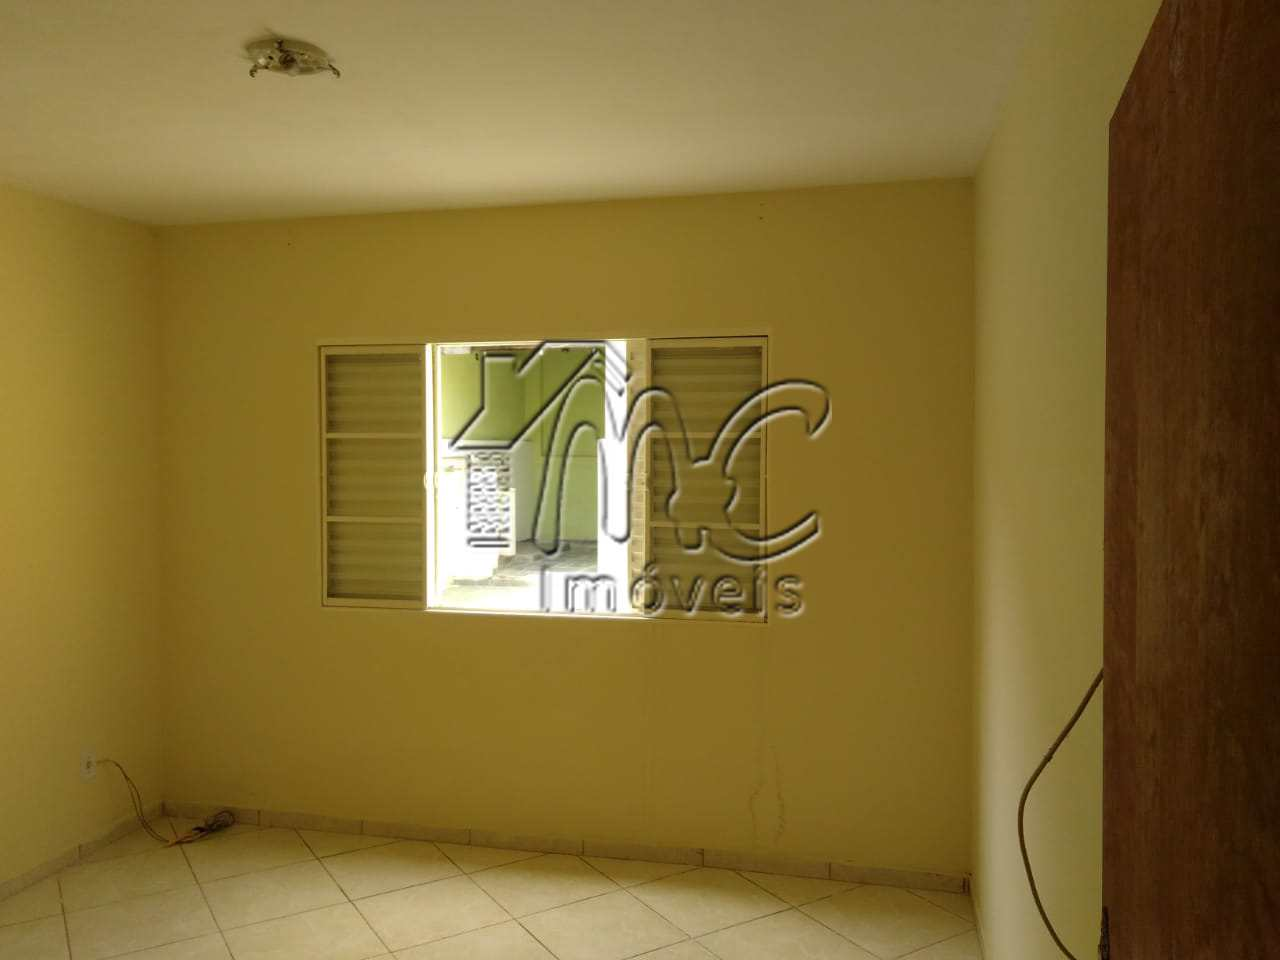 Casa com 2 dorms, Jardim Simus, Sorocaba - SP.